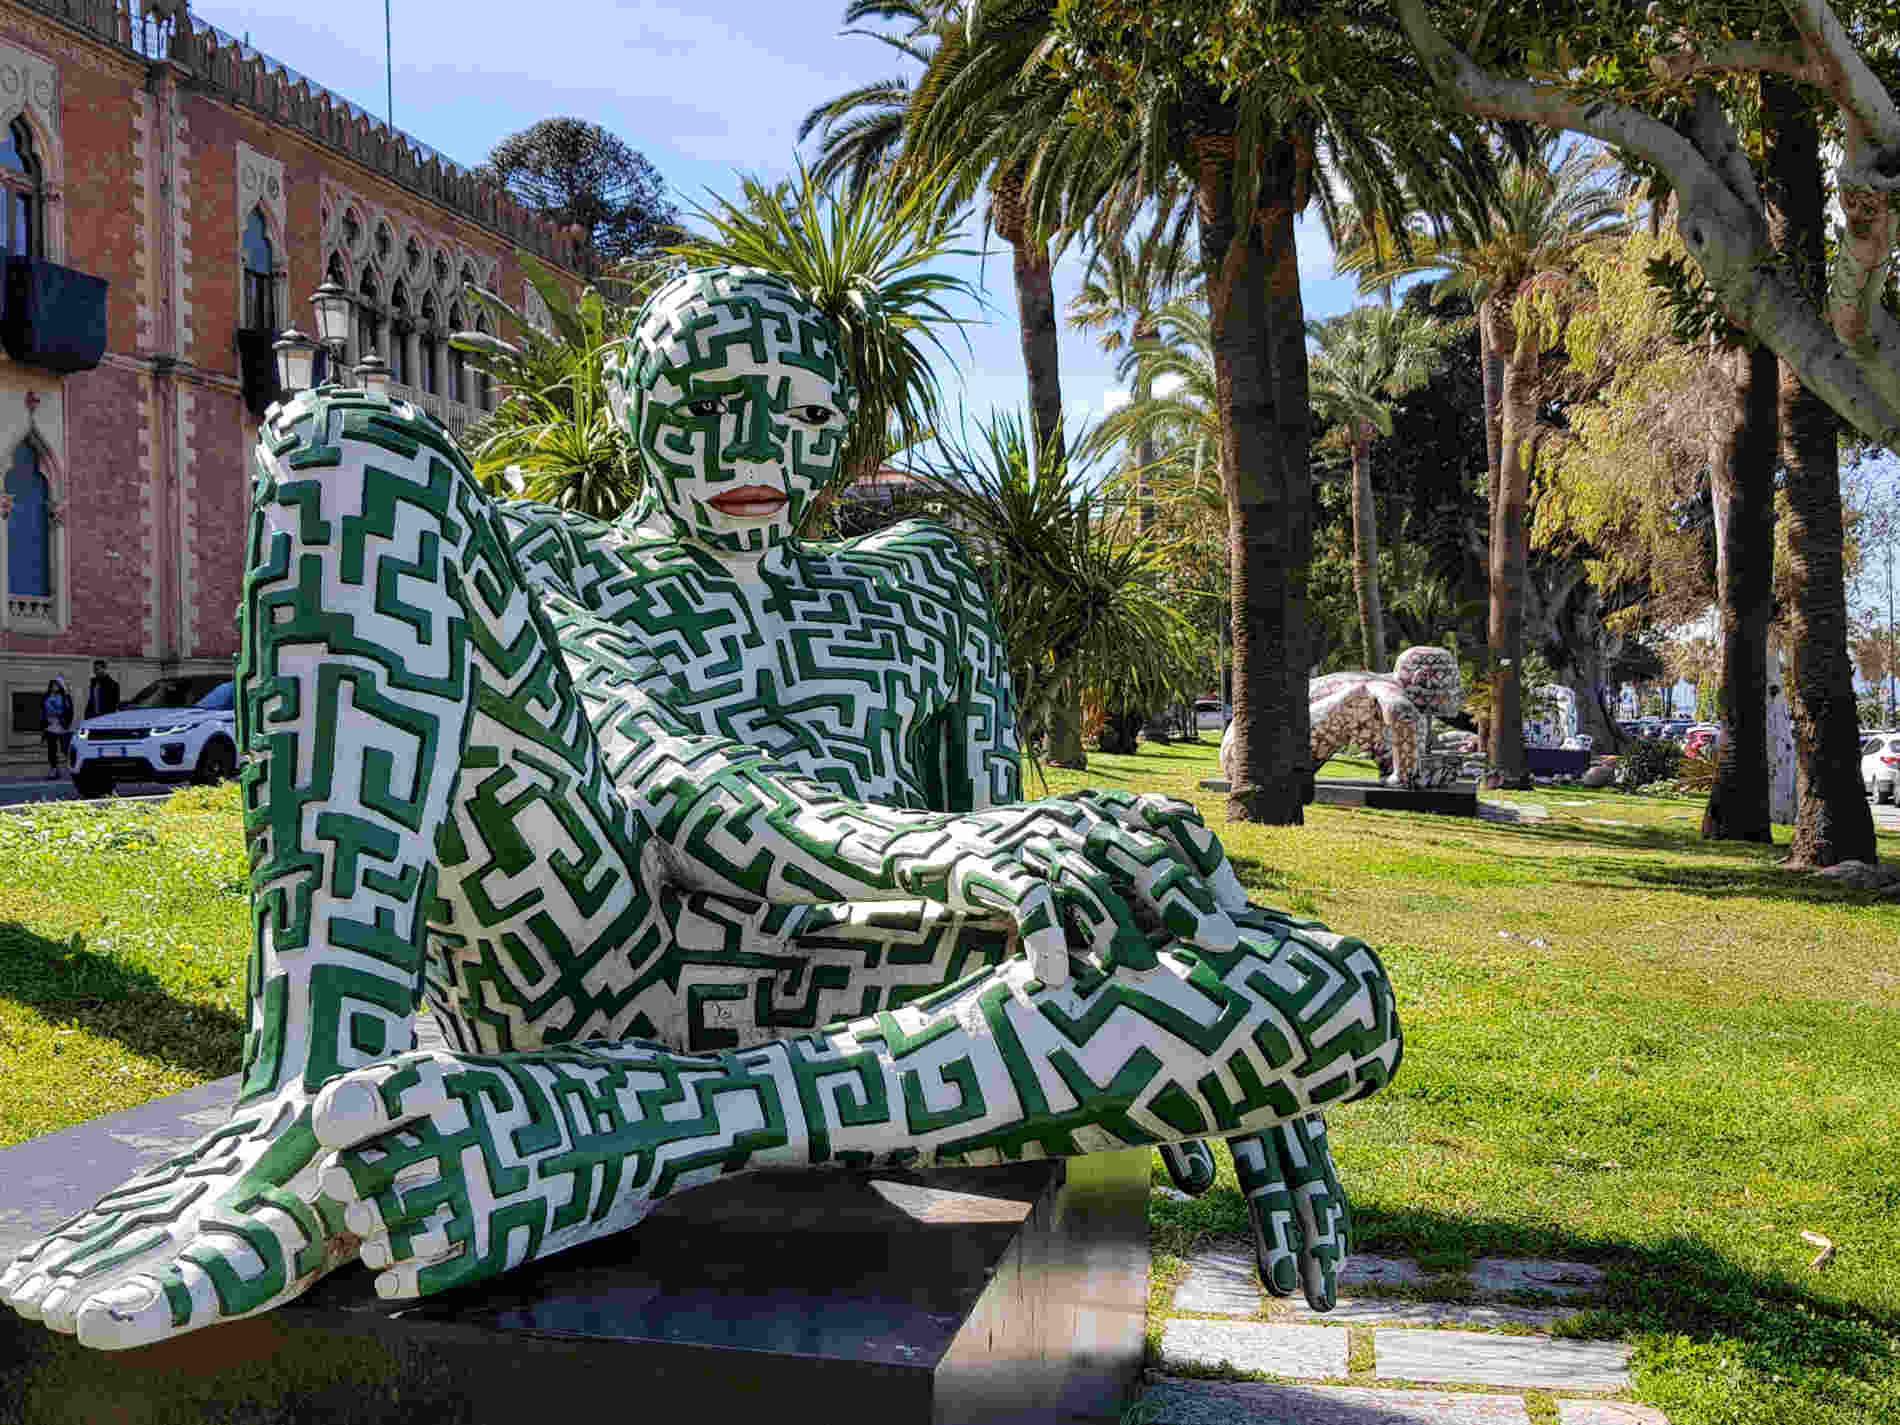 Labirintite scultura sul Lungomare Italo Falcomatà a Reggio Calabria